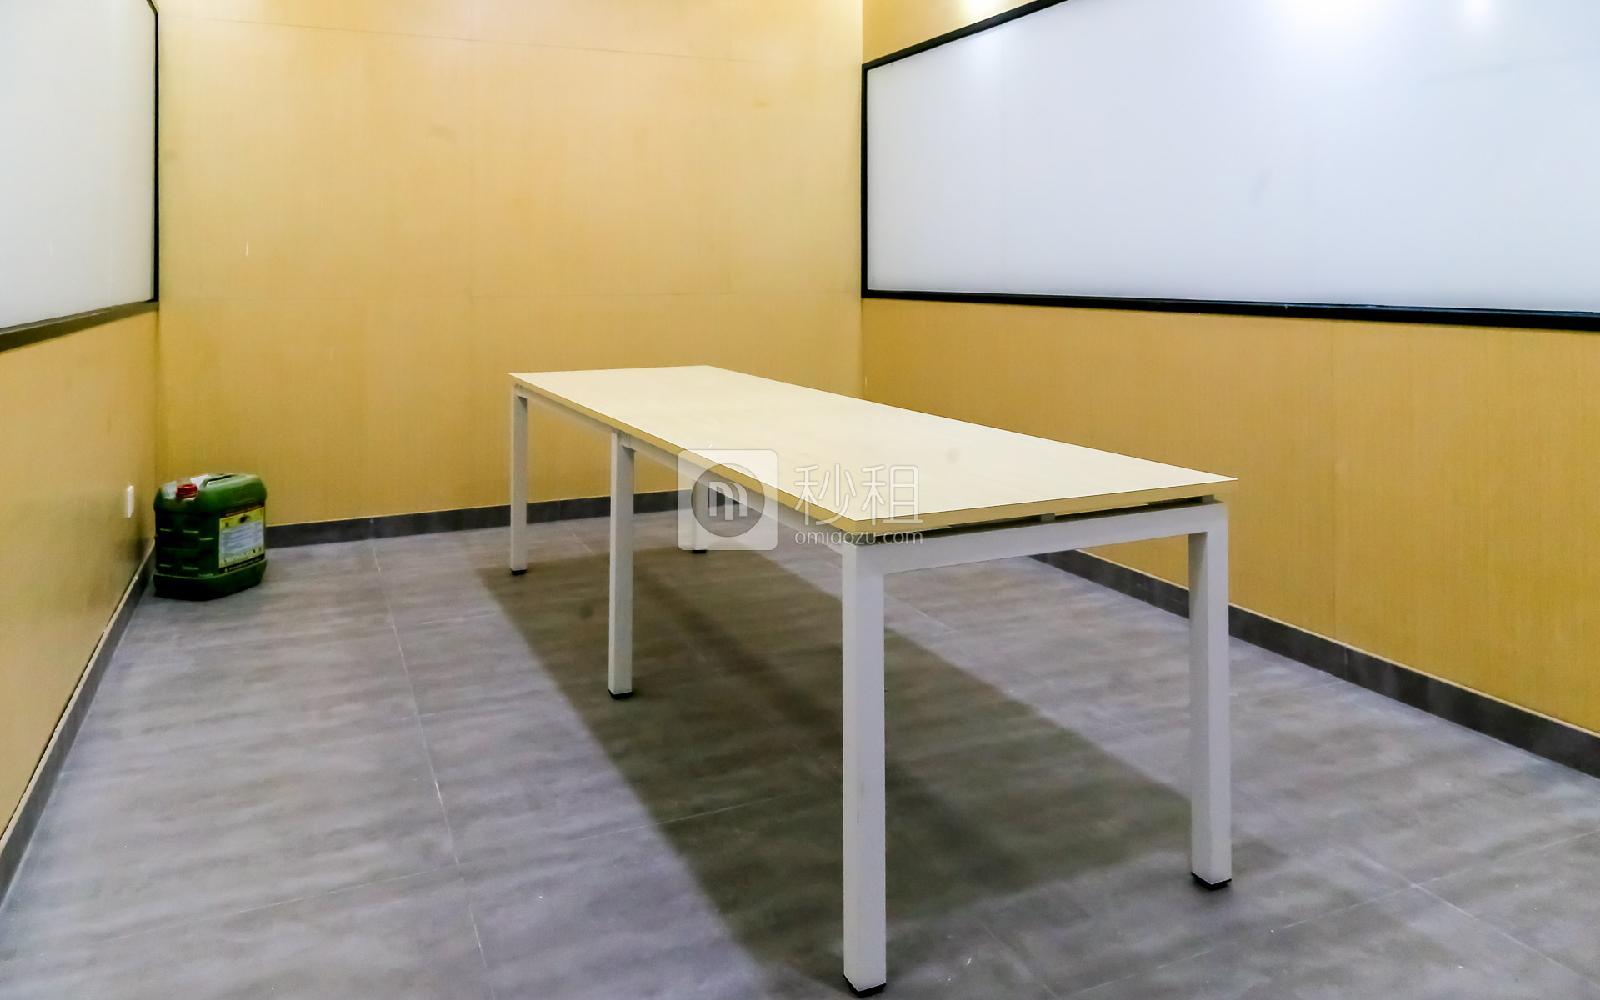 硅谷大院写字楼出租23平米精装办公室3280元/间.月